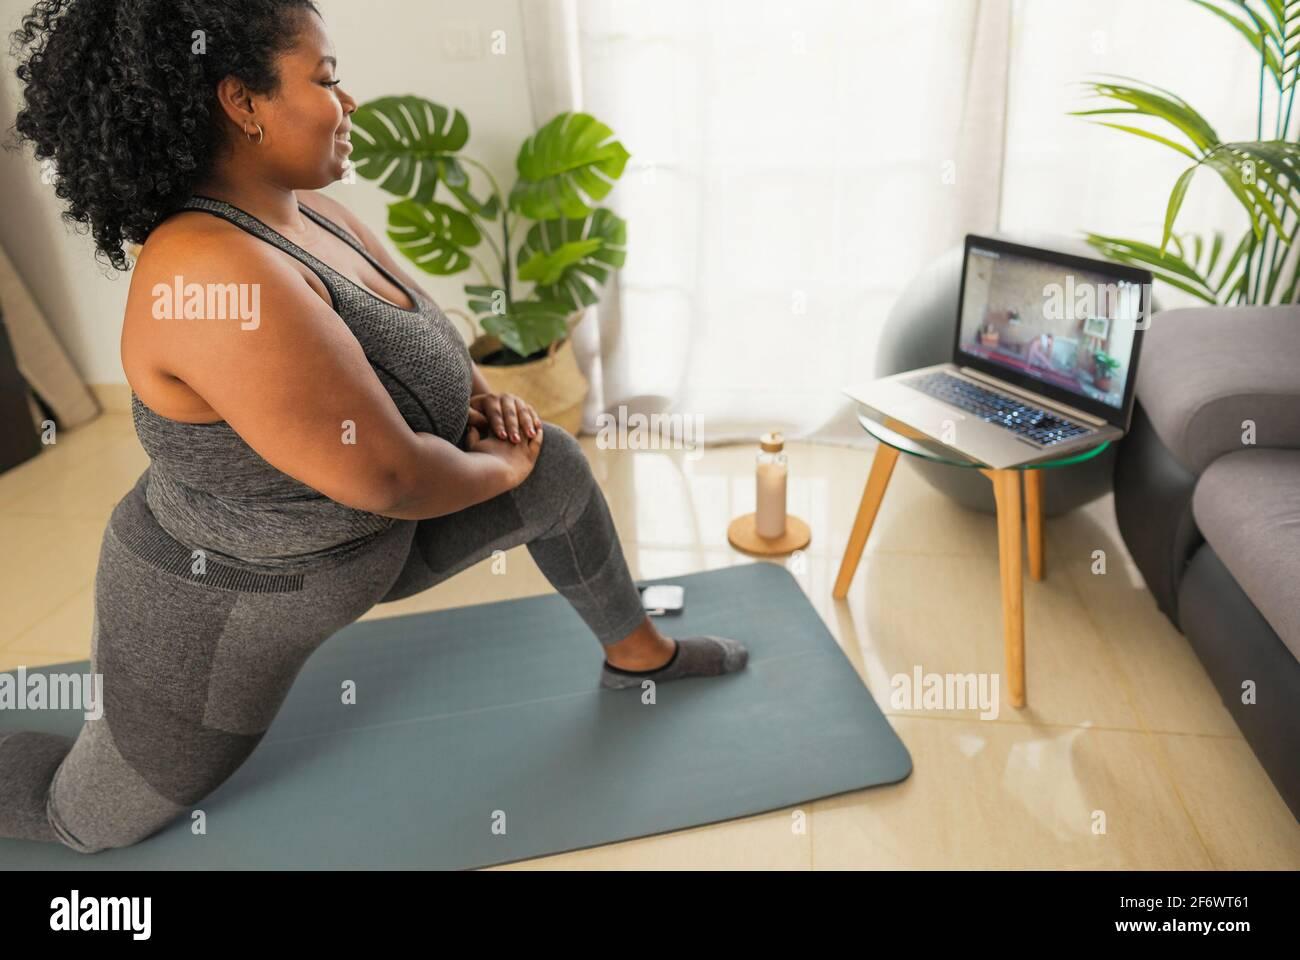 Una joven africana que hace pilates clase de fitness virtual con portátil En casa - Deporte bienestar personas concepto de estilo de vida Foto de stock